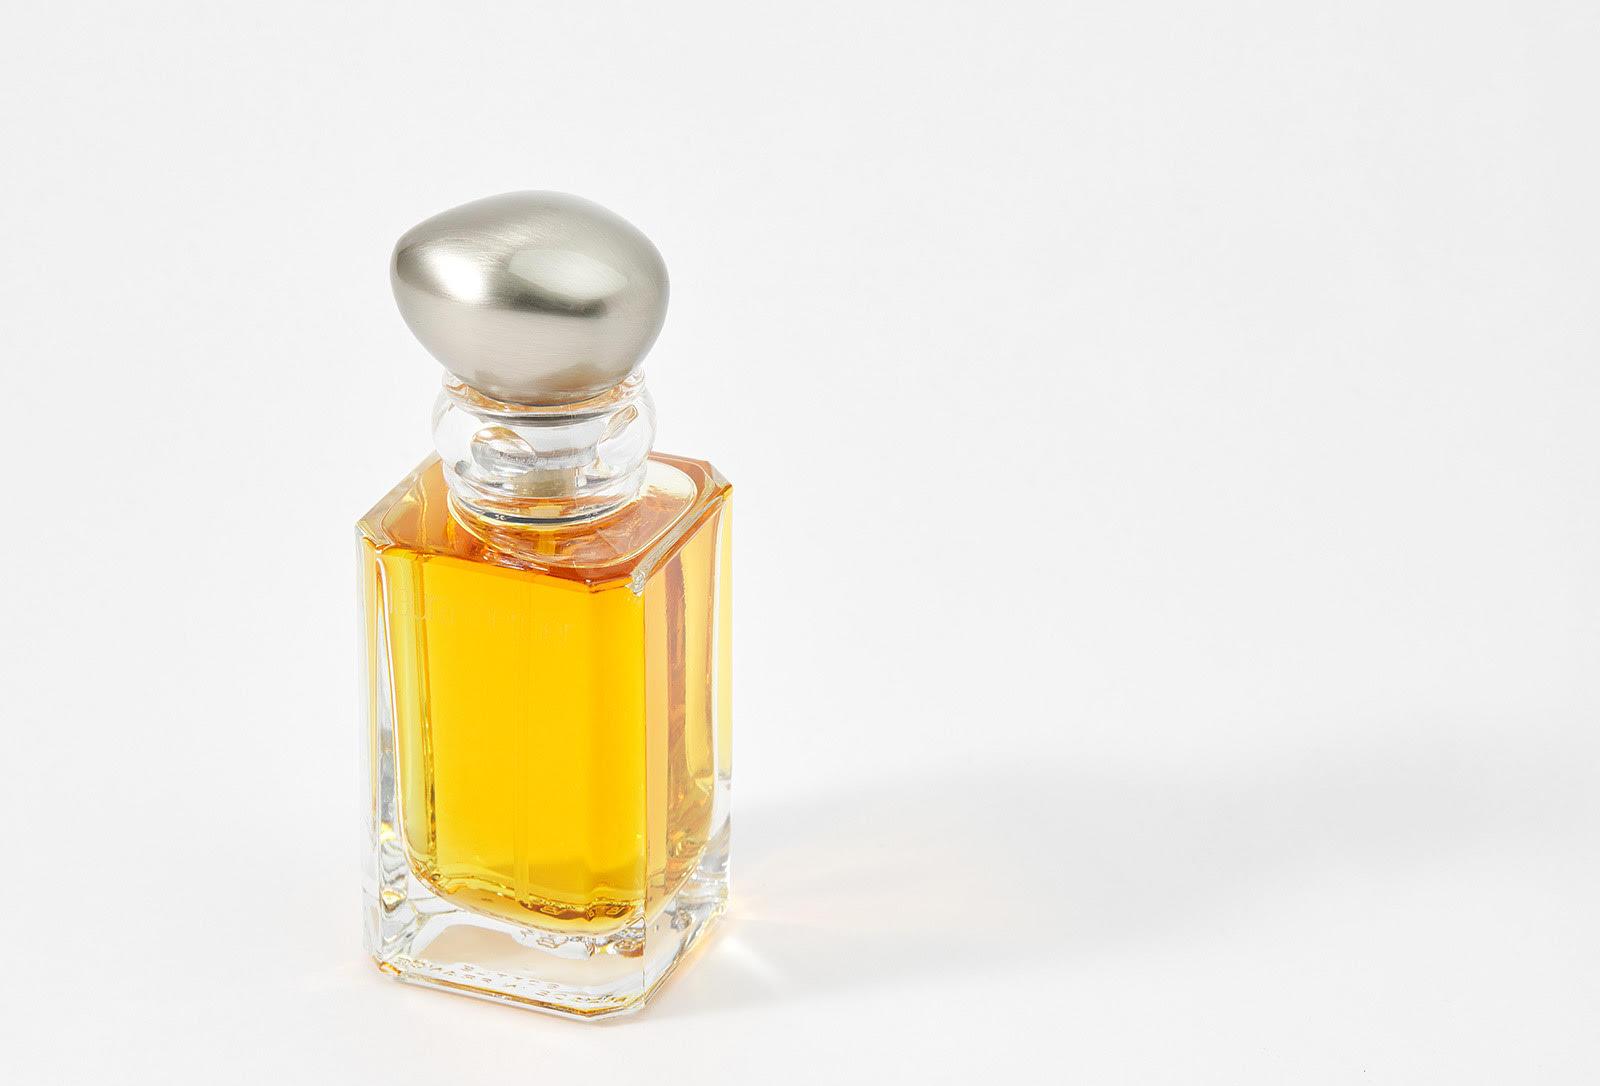 Винтажный аромат Laura Mercier Lumiere d'ambre с нотами сладкого мандарина, пудровой розы, ванильной орхидеи, благородного жасмина, пряной амбры и мускуса.